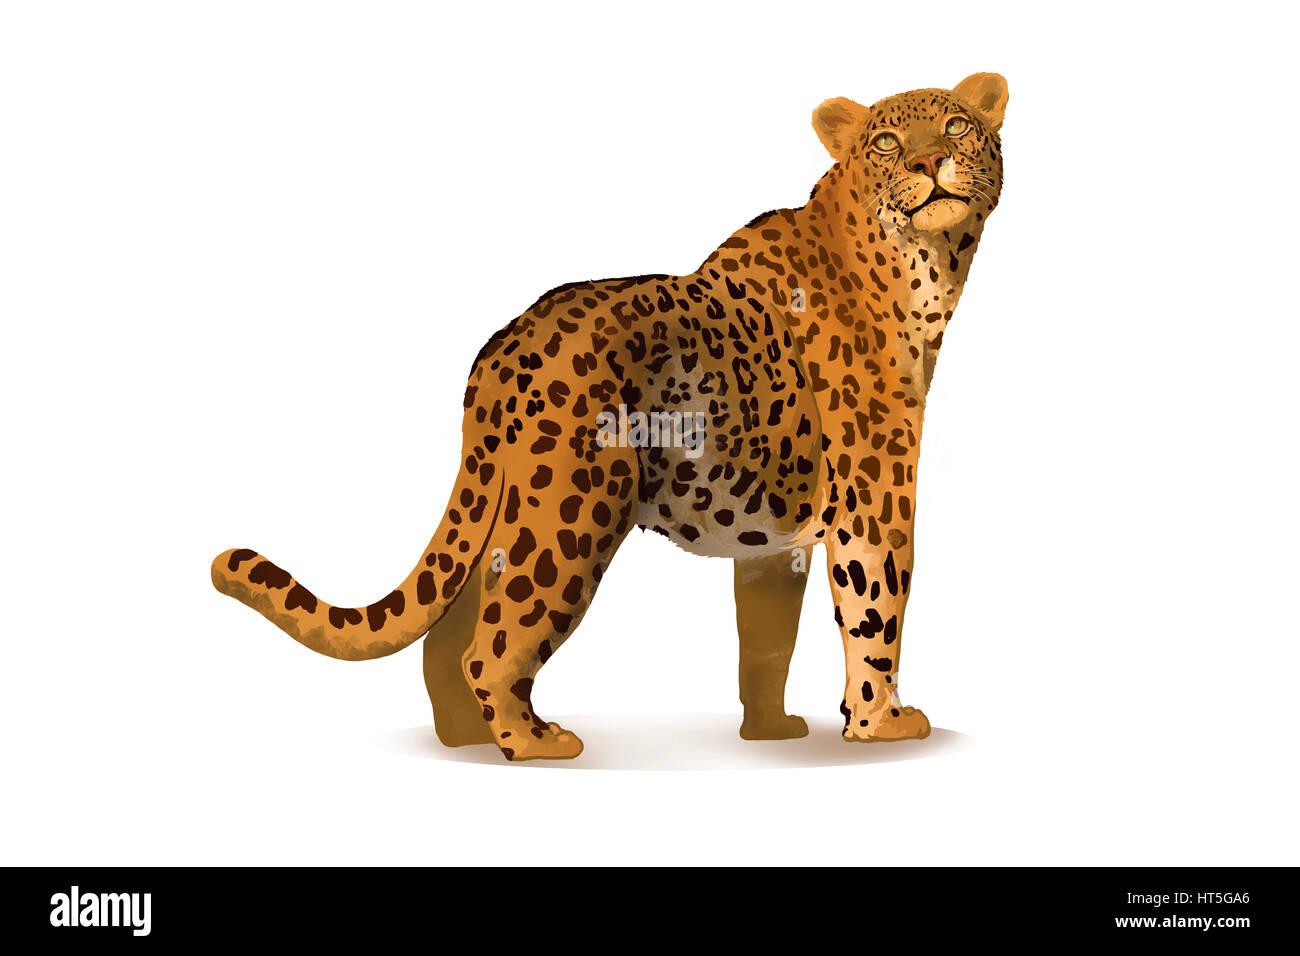 Beste Gepard Malvorlagen Laufen Fotos - Beispiel Anschreiben für ...